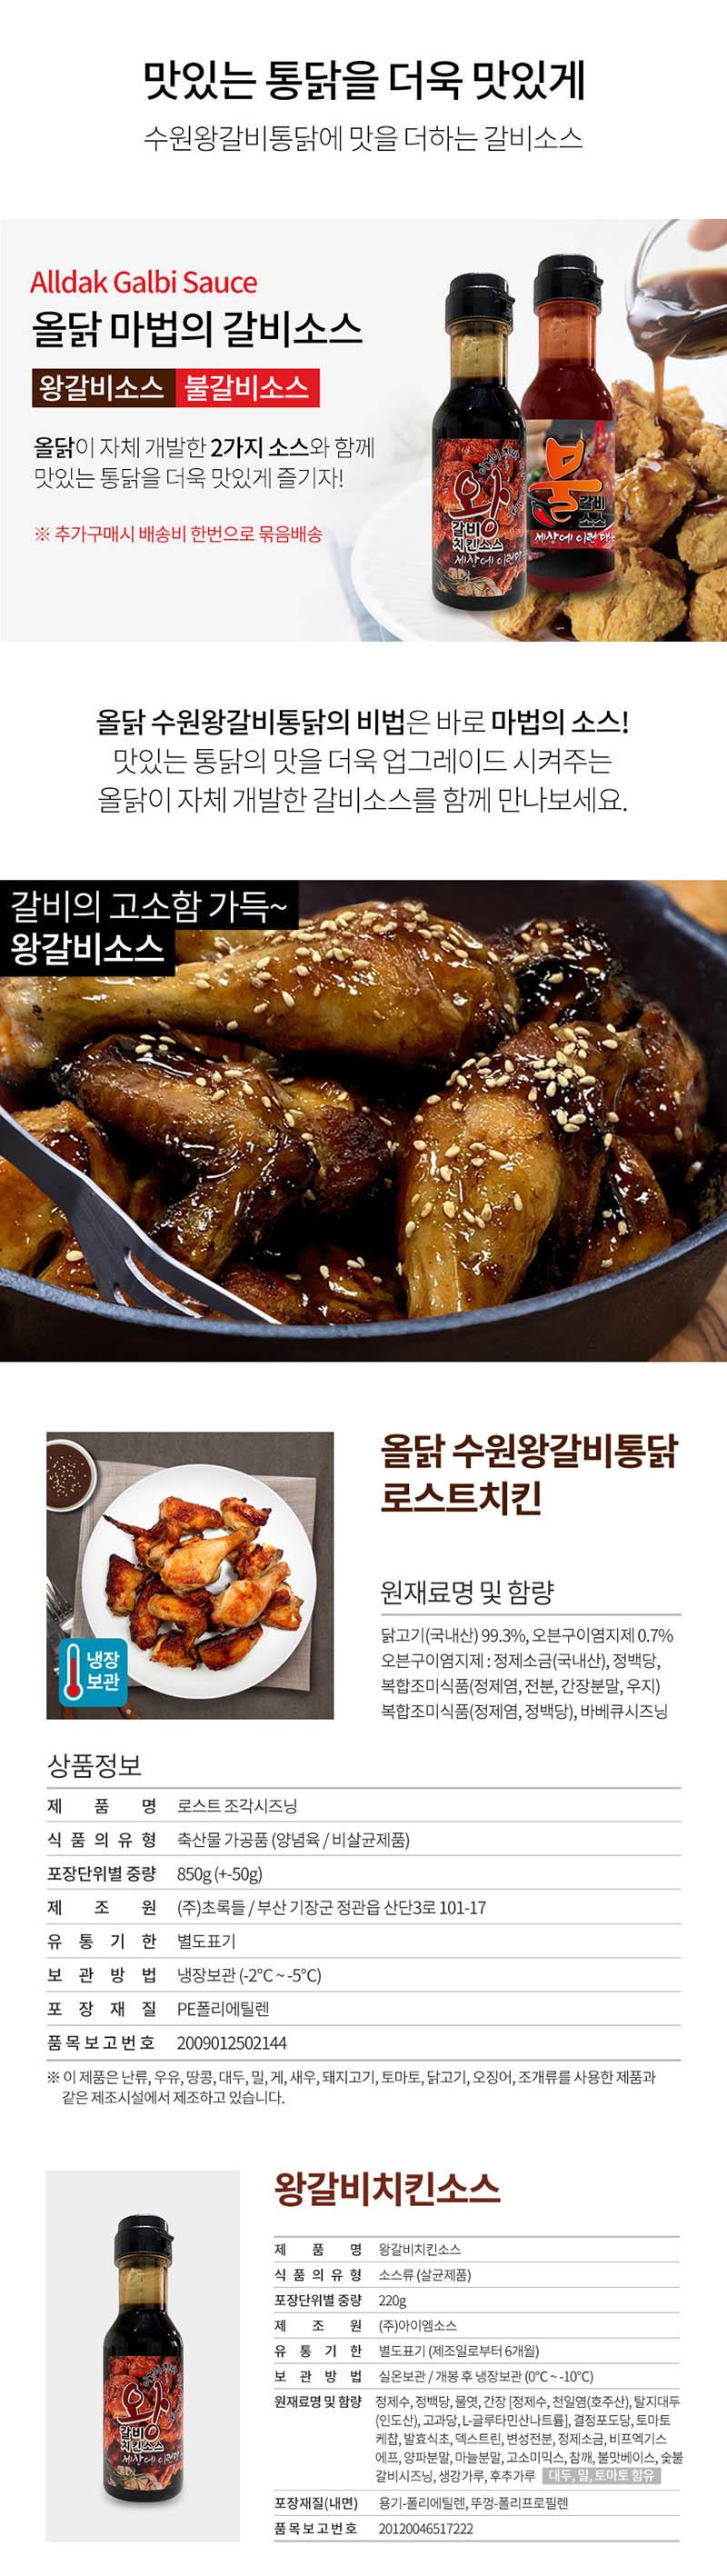 food02-d.jpg